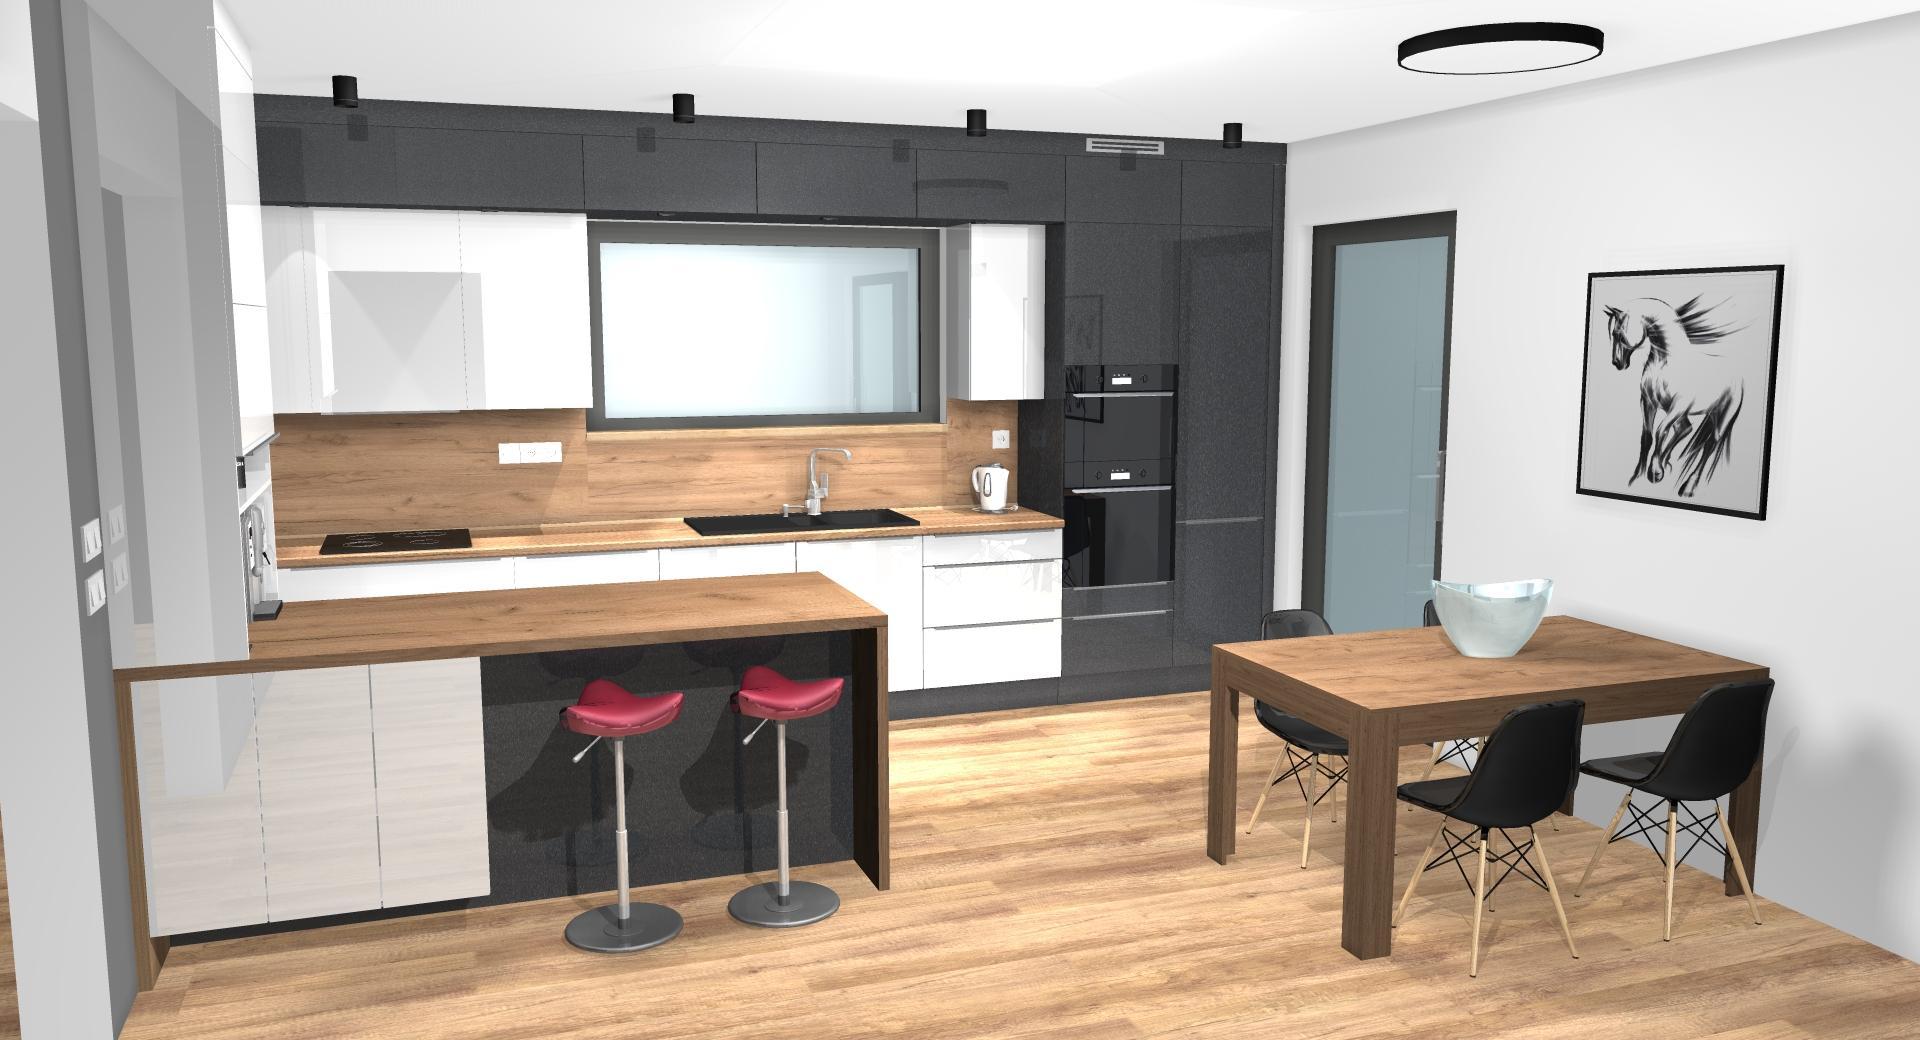 Grafické návrhy kuchynských liniek 2020 - Grafický návrh kuchynskej linky do rodinného domu v Zv - obr.3